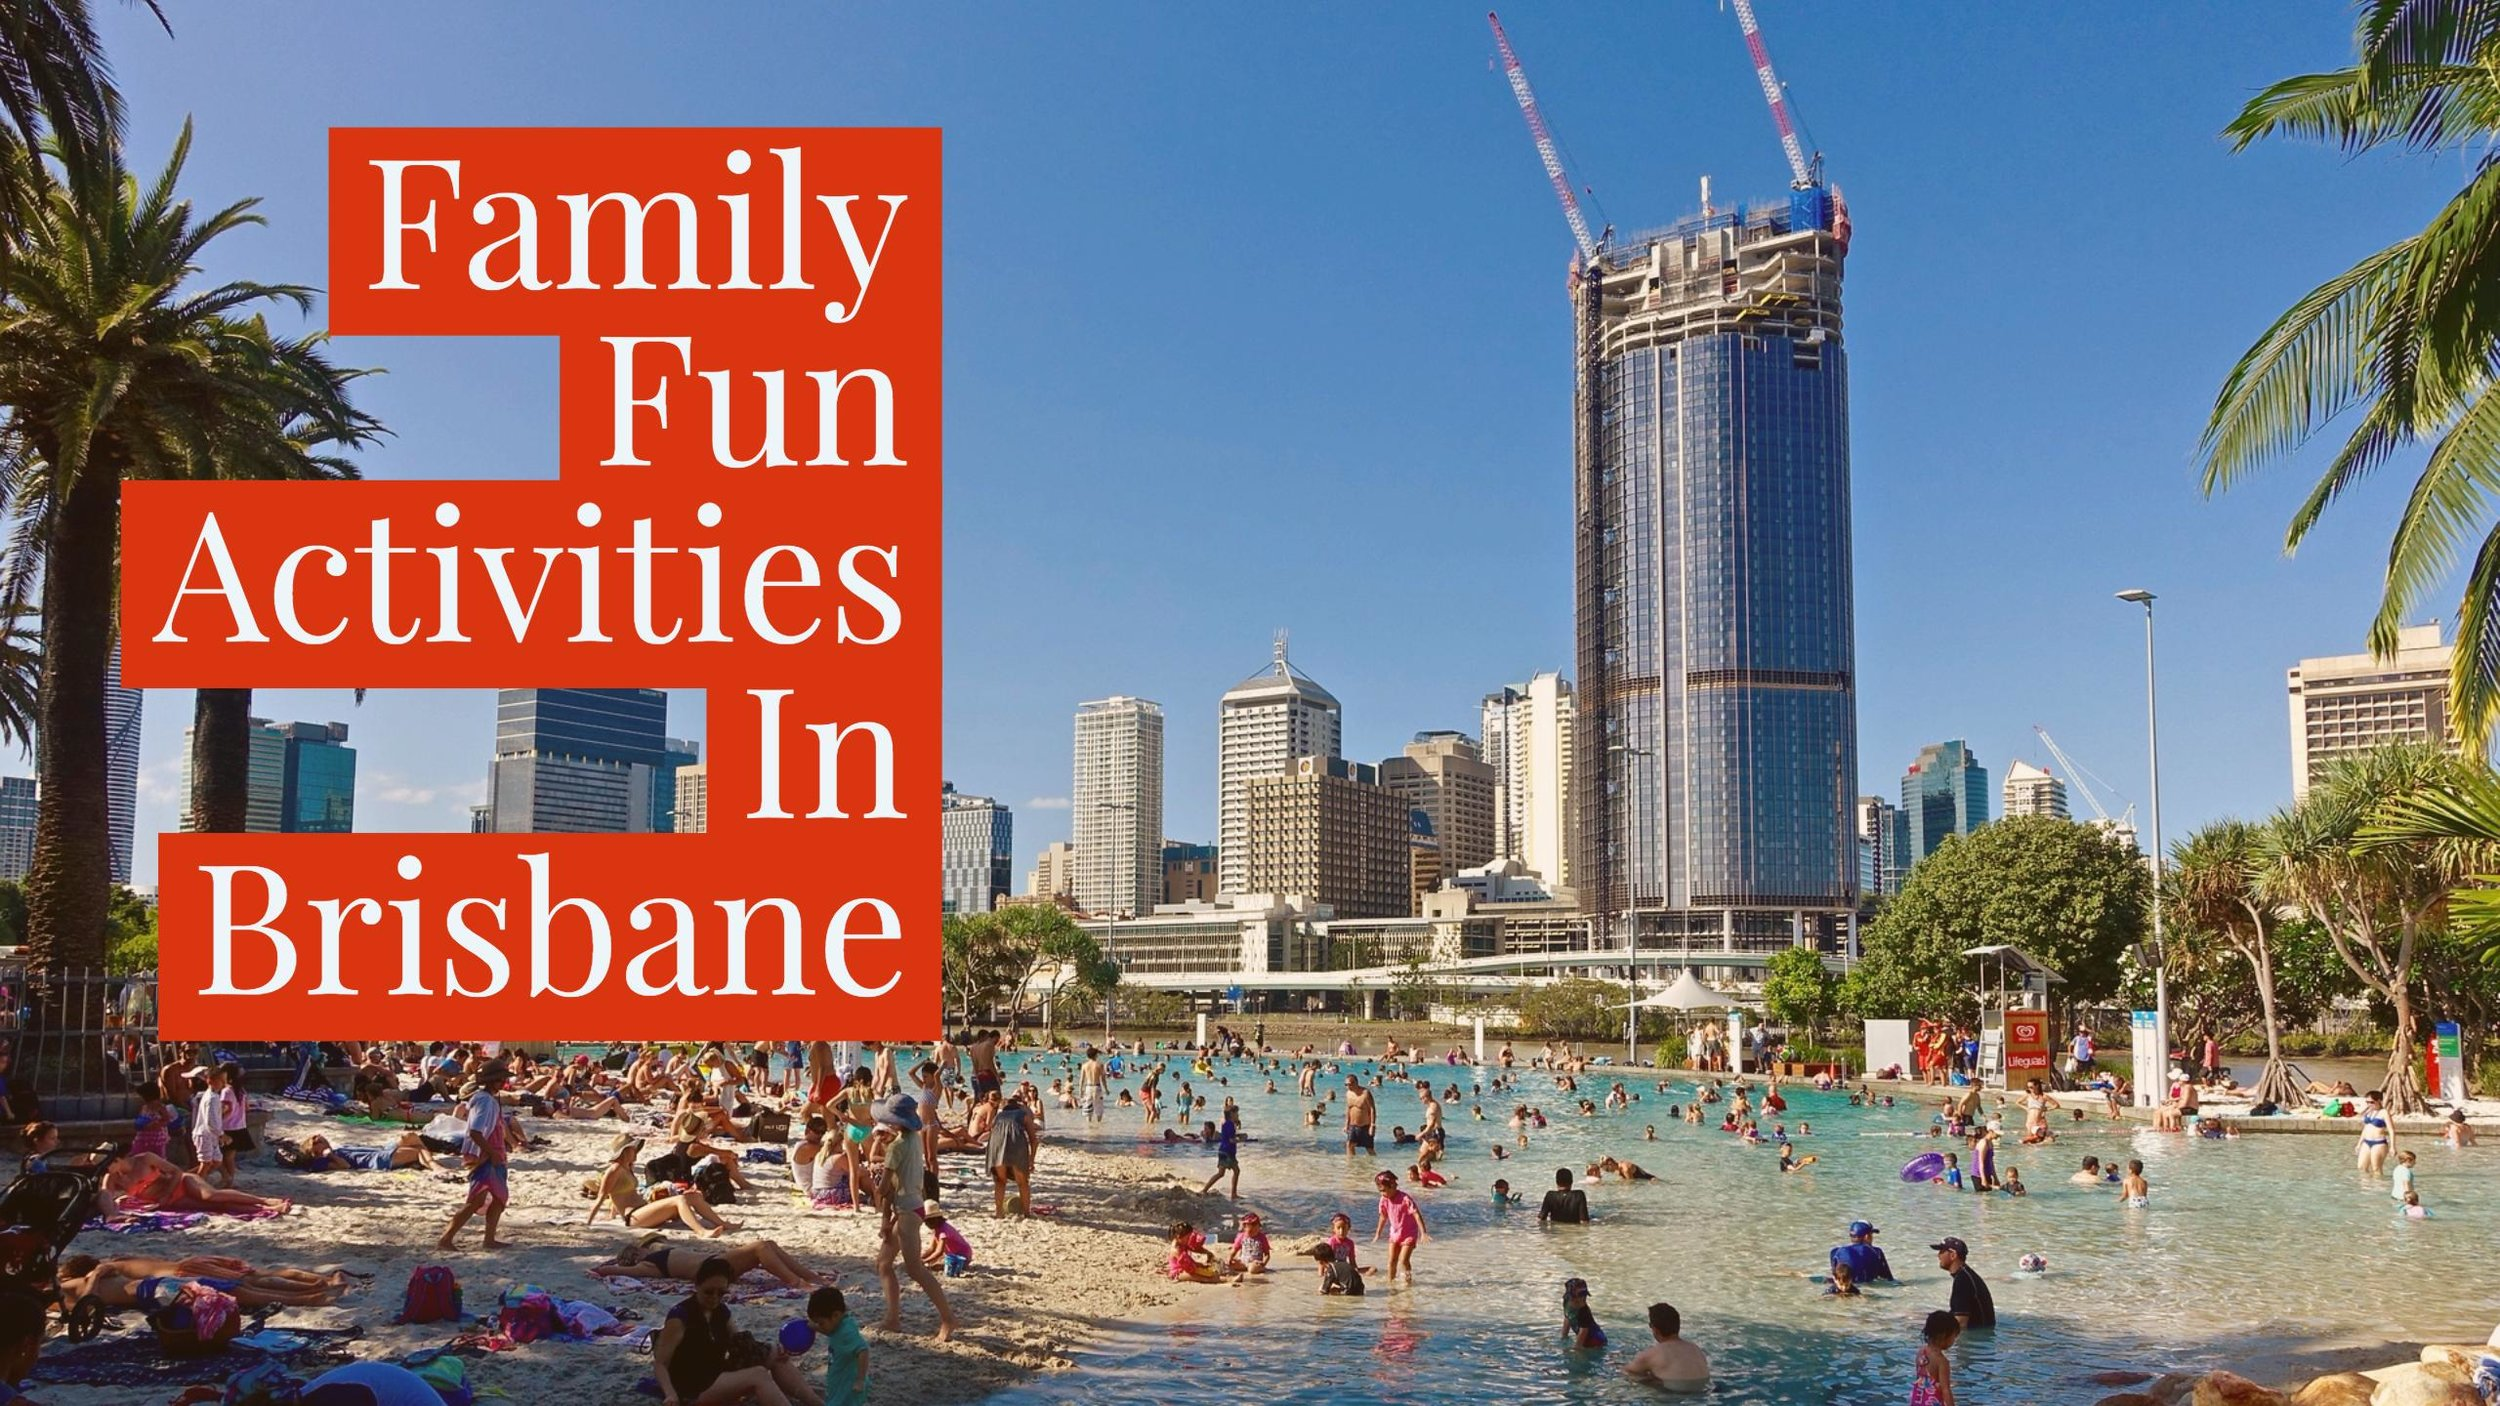 Family Fun Activities In Brisbane